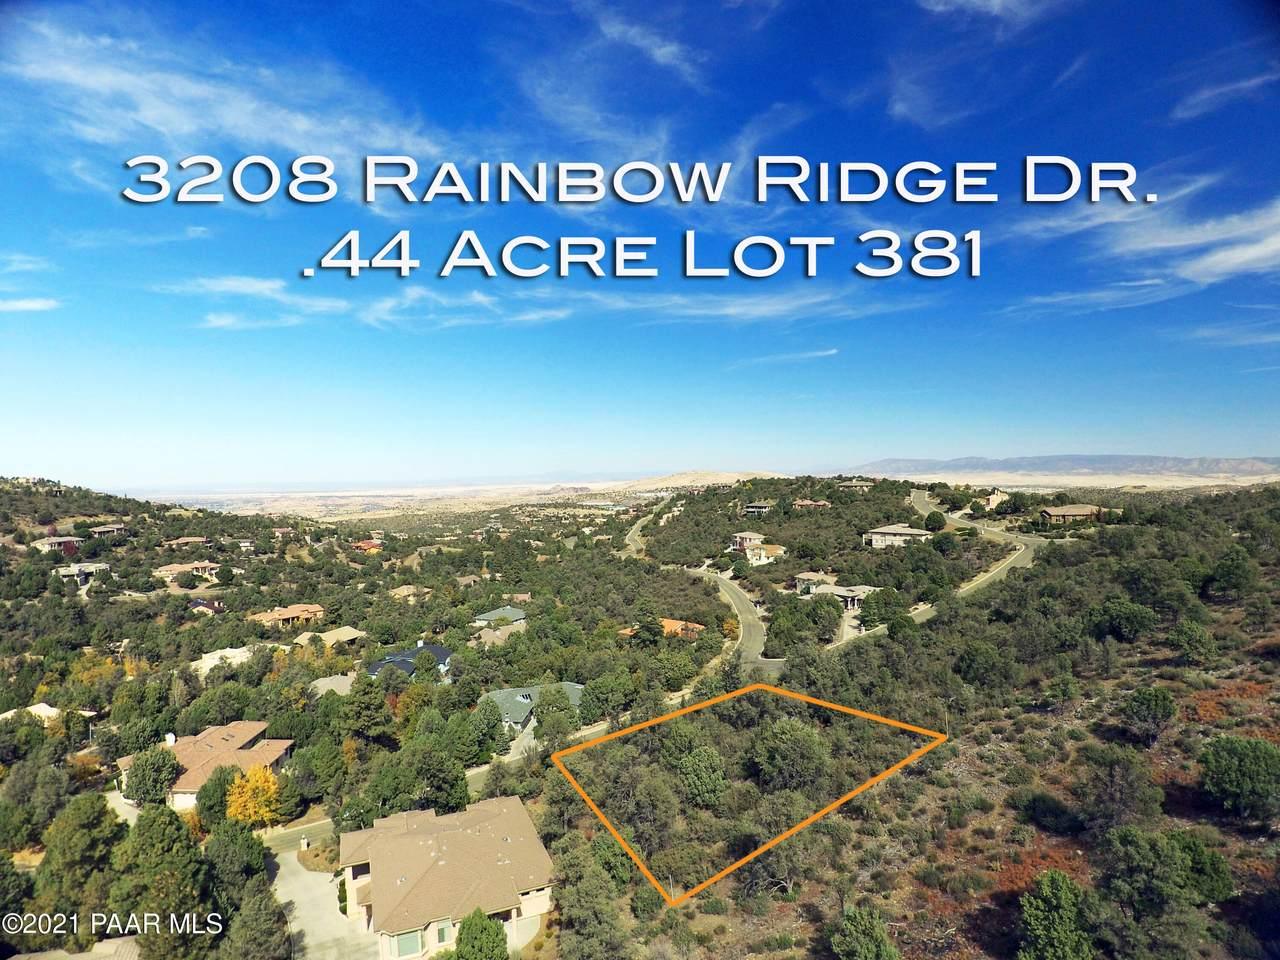 3208 Rainbow Ridge Drive - Photo 1